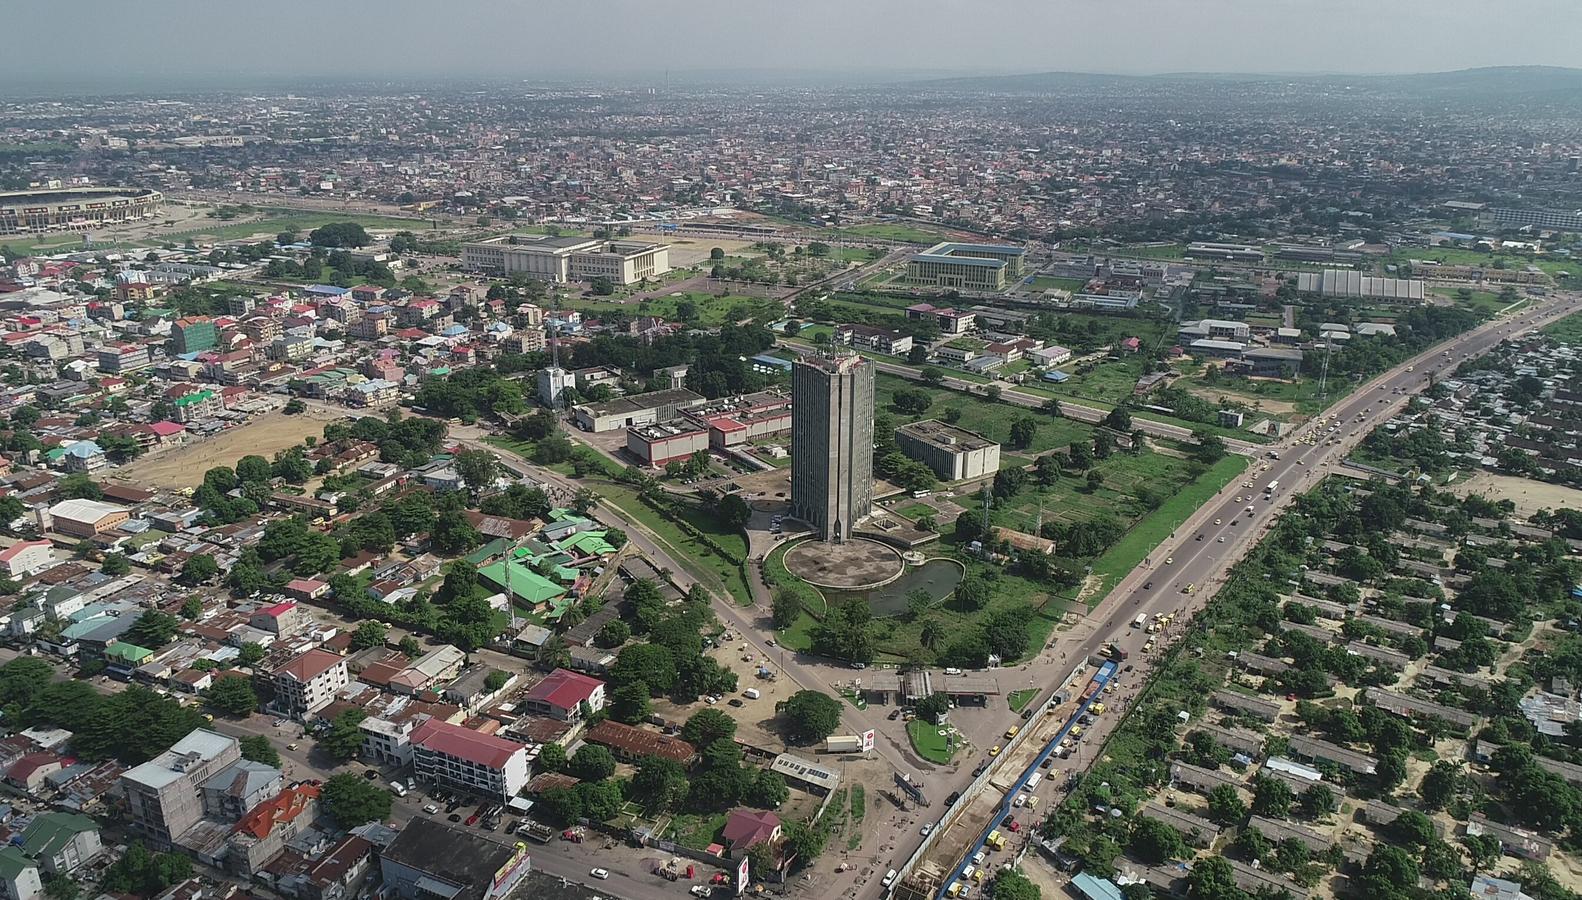 Вообще даже забавно, насколько симпатичными могут казаться на панорамных съемках огромные города. В Кингшасе (Конго) живет без малого 15 миллонов, но кажется, что здесь все очень даже ничего